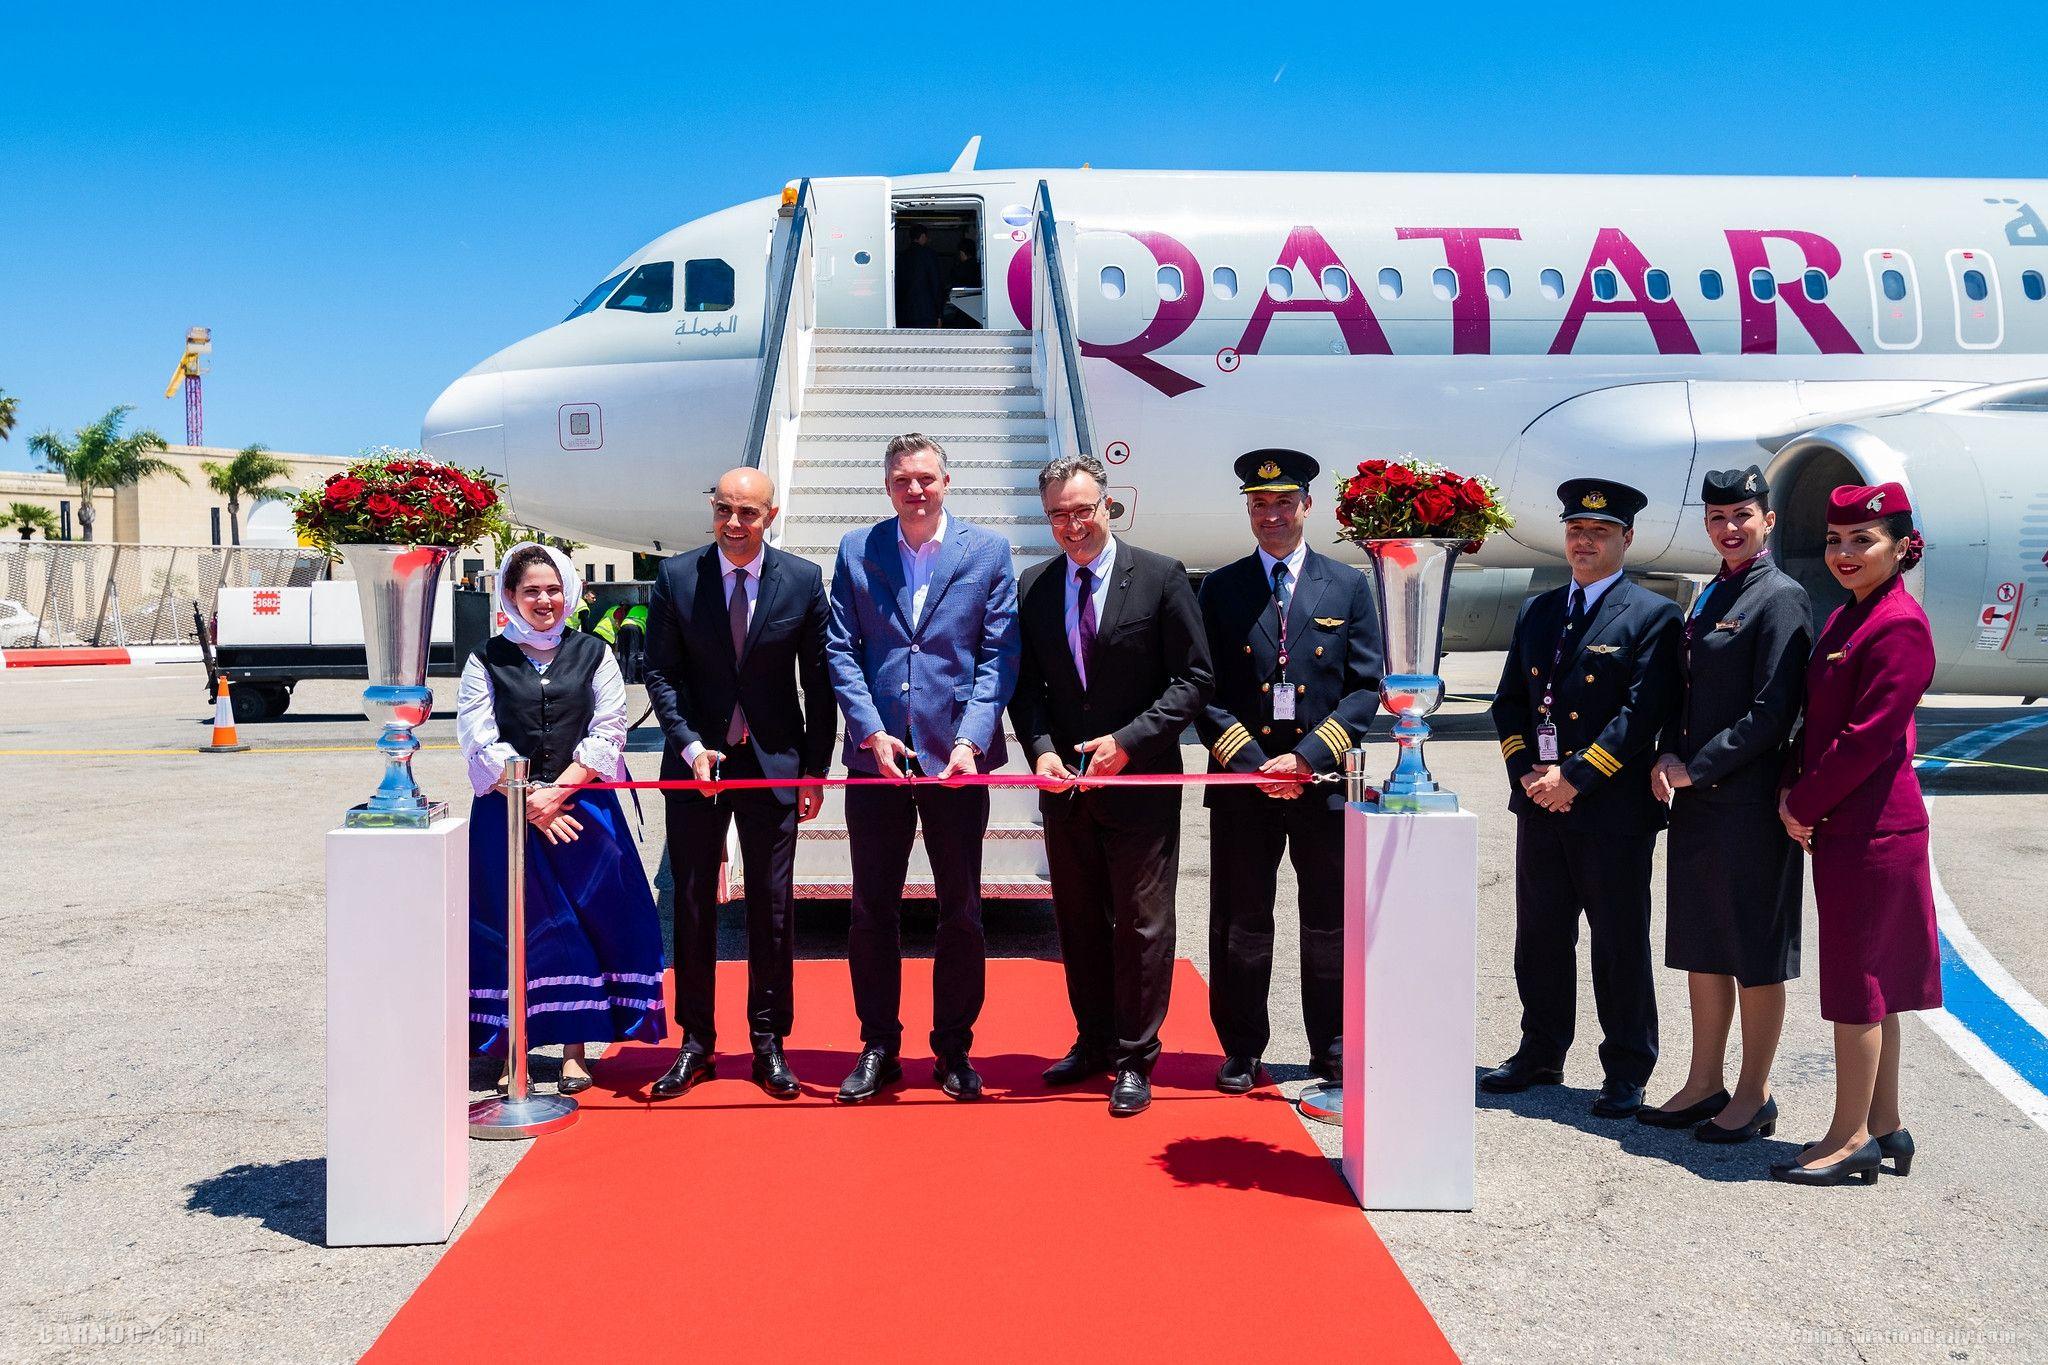 卡塔尔航空开通多哈直飞马耳他航线